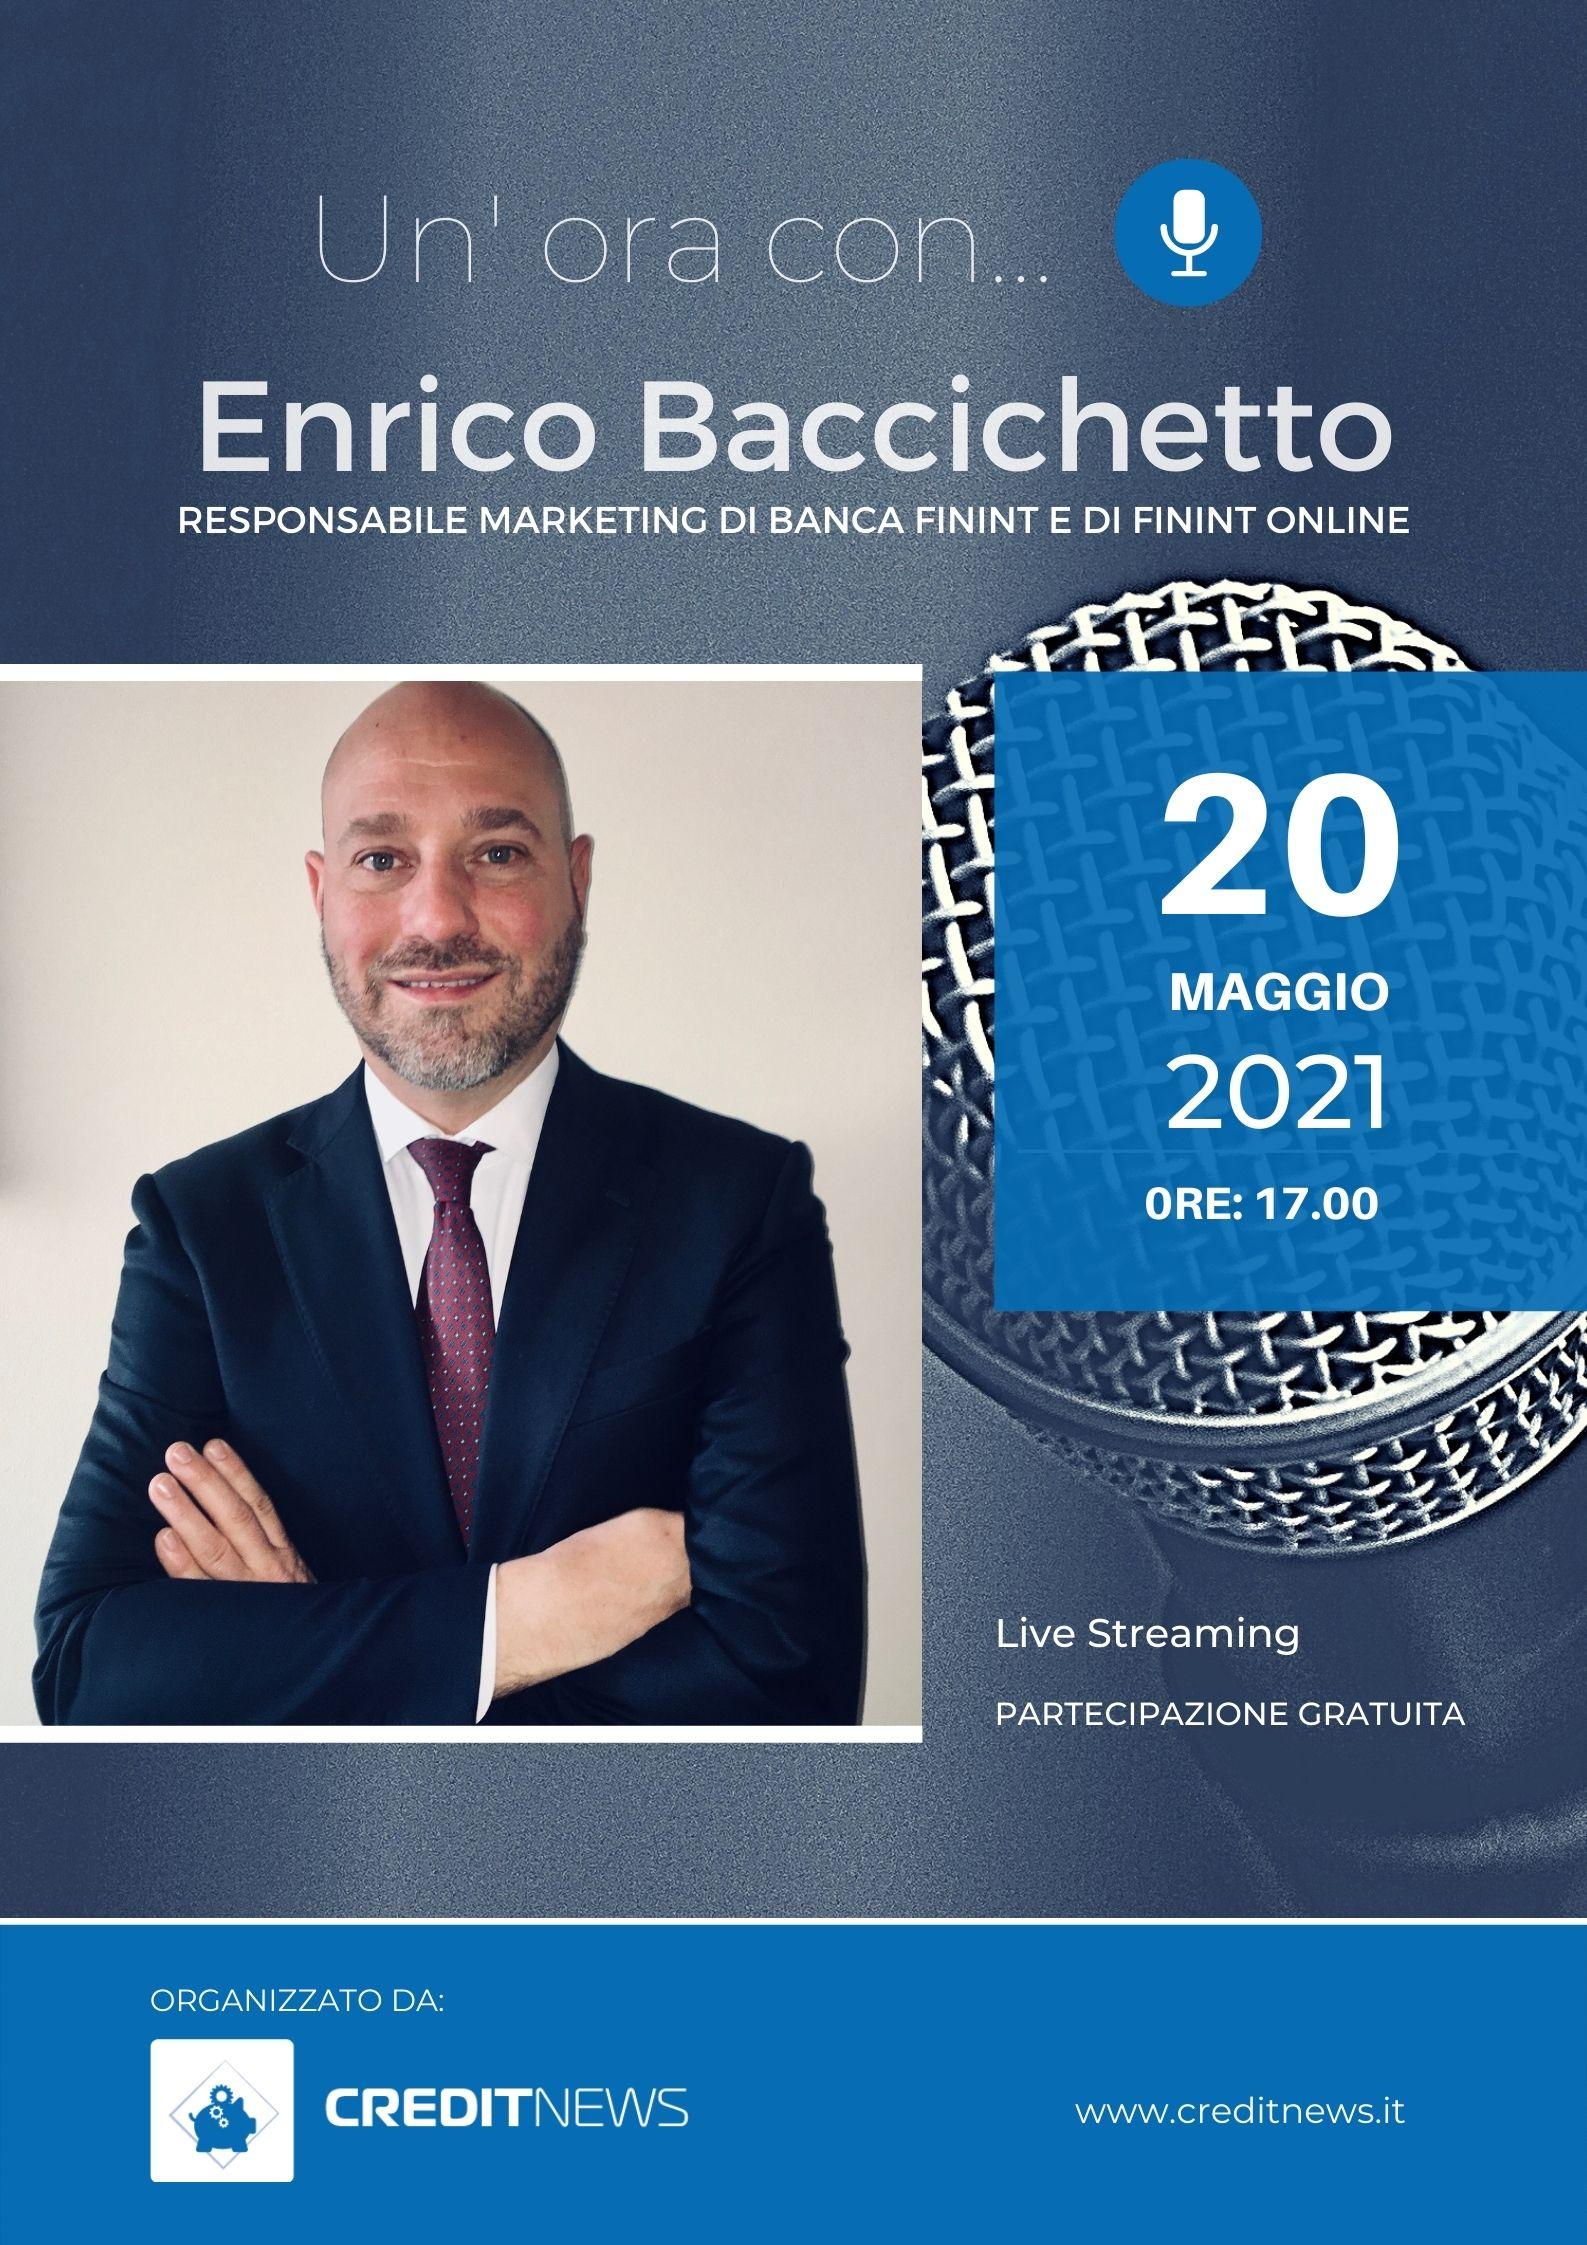 Un'ora con... Enrico Baccichetto, Banca Finint